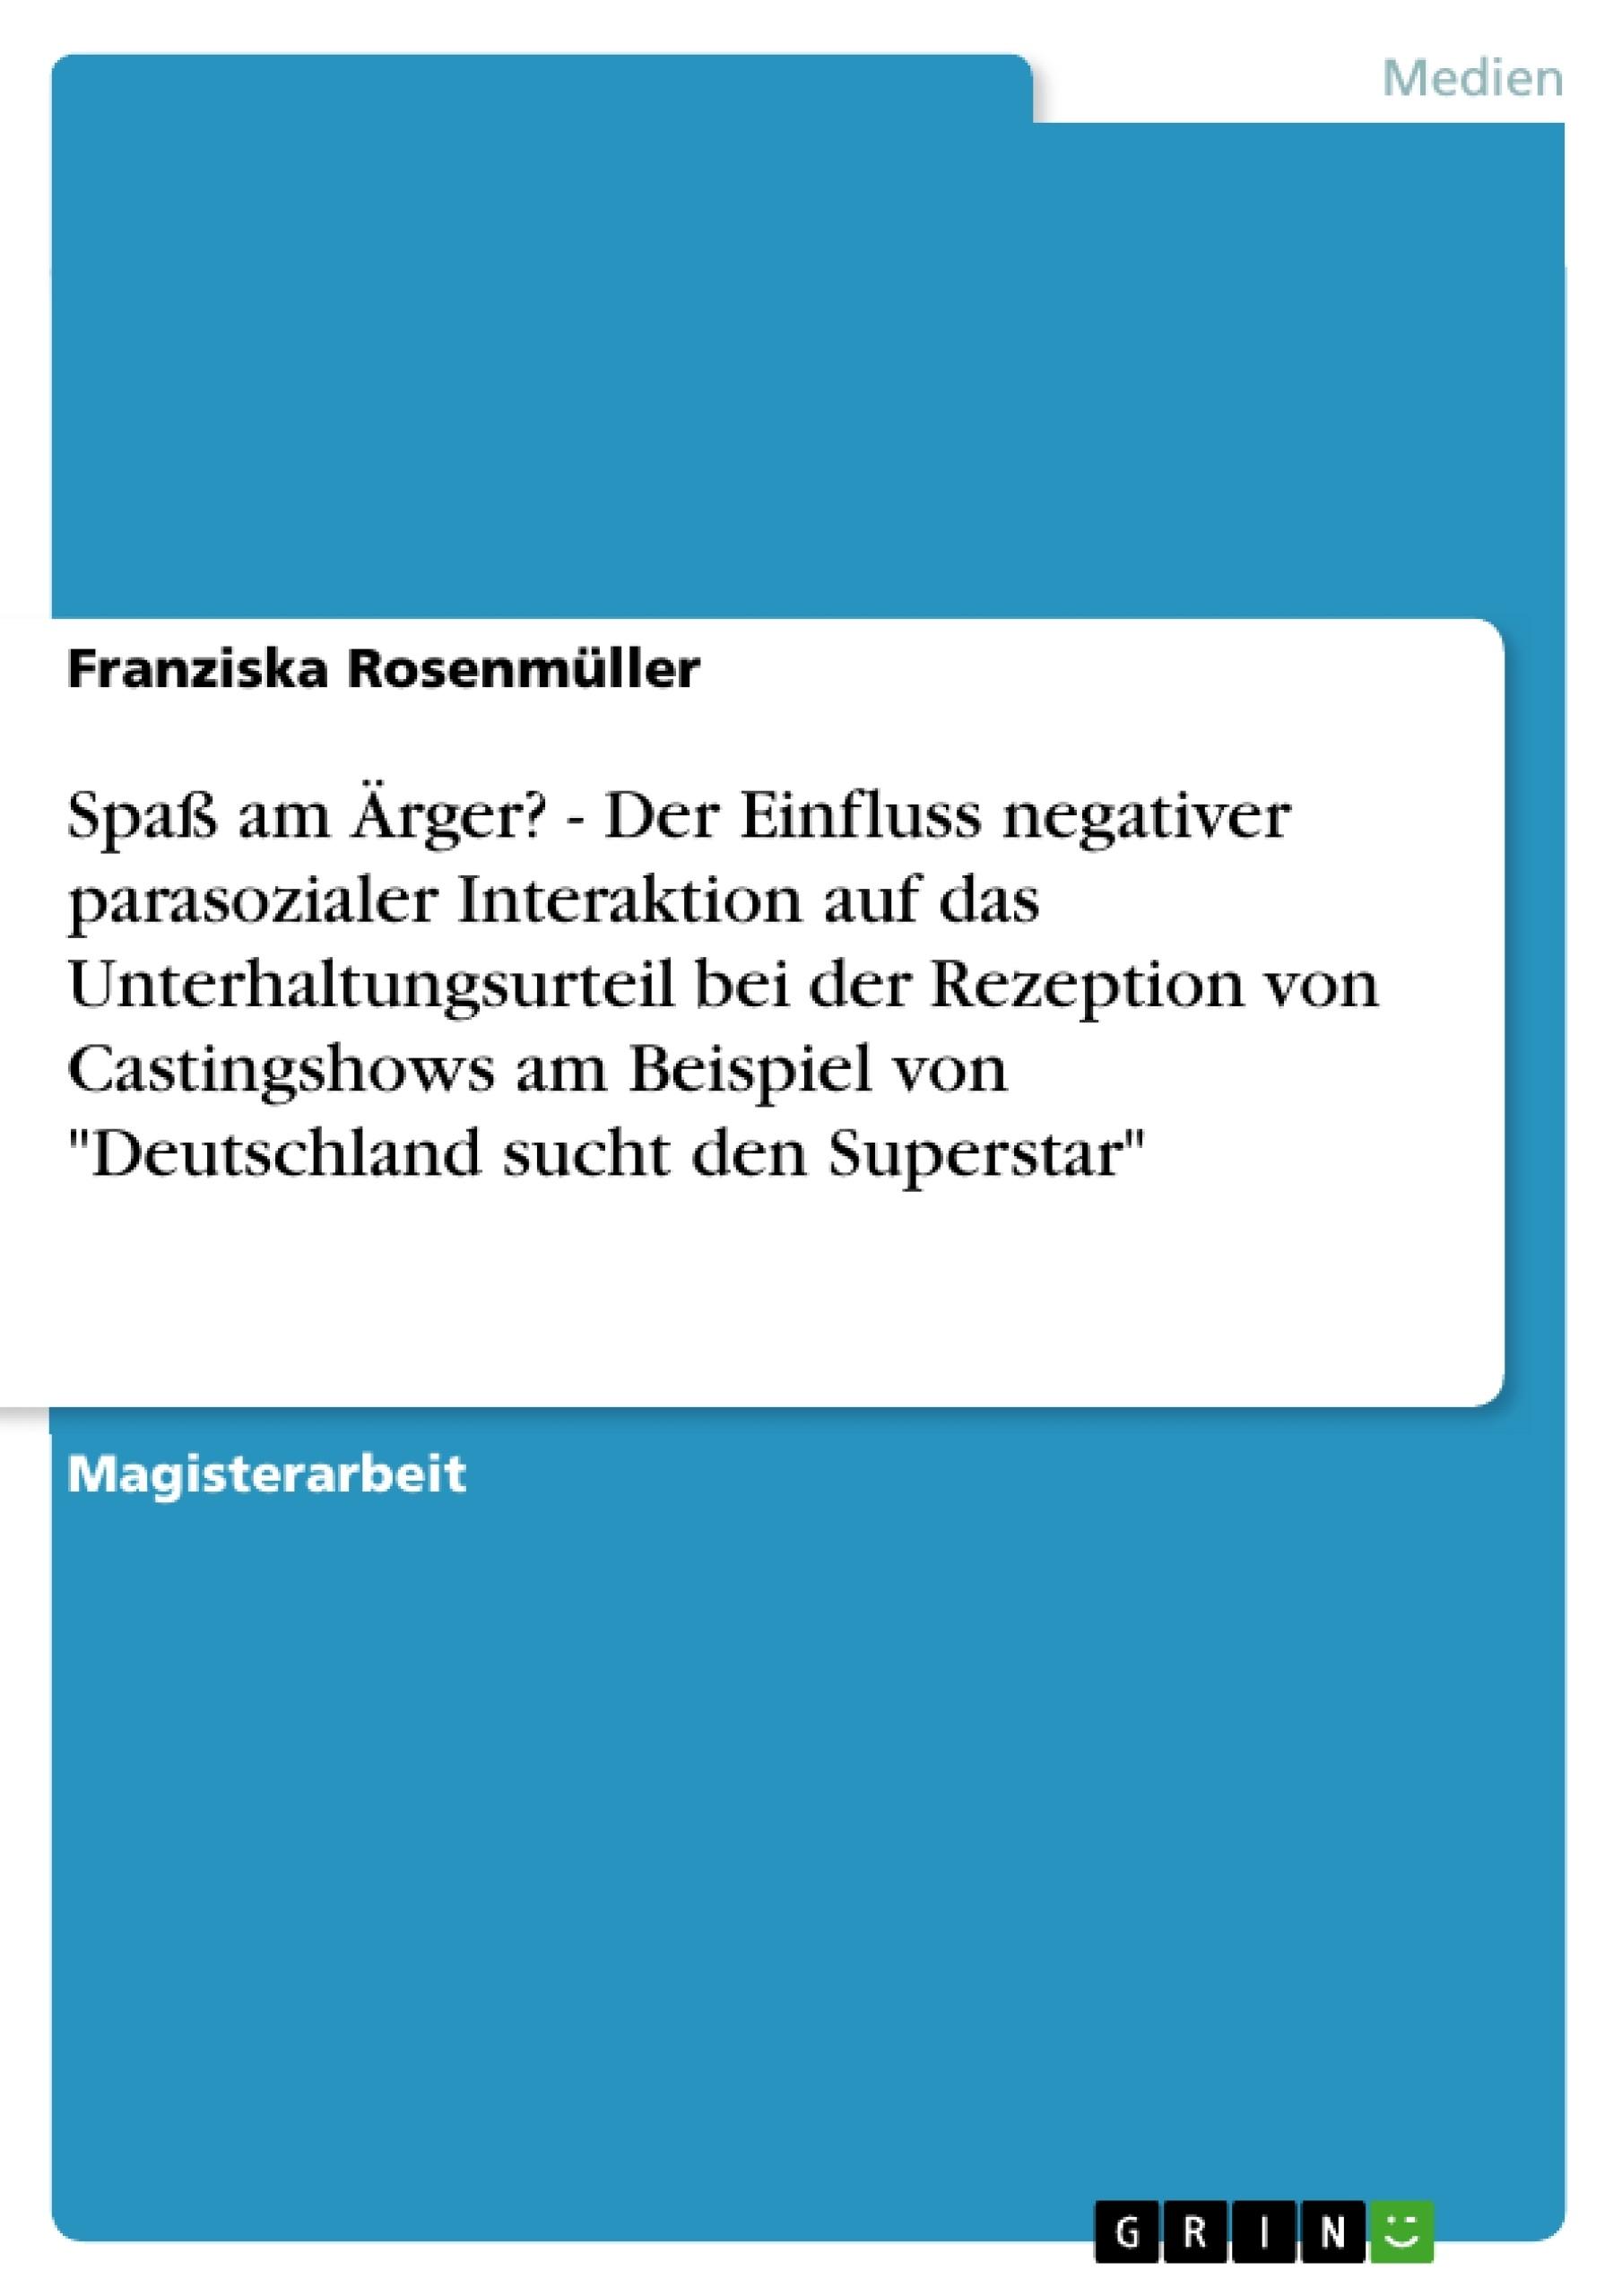 """Titel: Spaß am Ärger? - Der Einfluss negativer parasozialer Interaktion auf das Unterhaltungsurteil bei der Rezeption von Castingshows am Beispiel von """"Deutschland sucht den Superstar"""""""